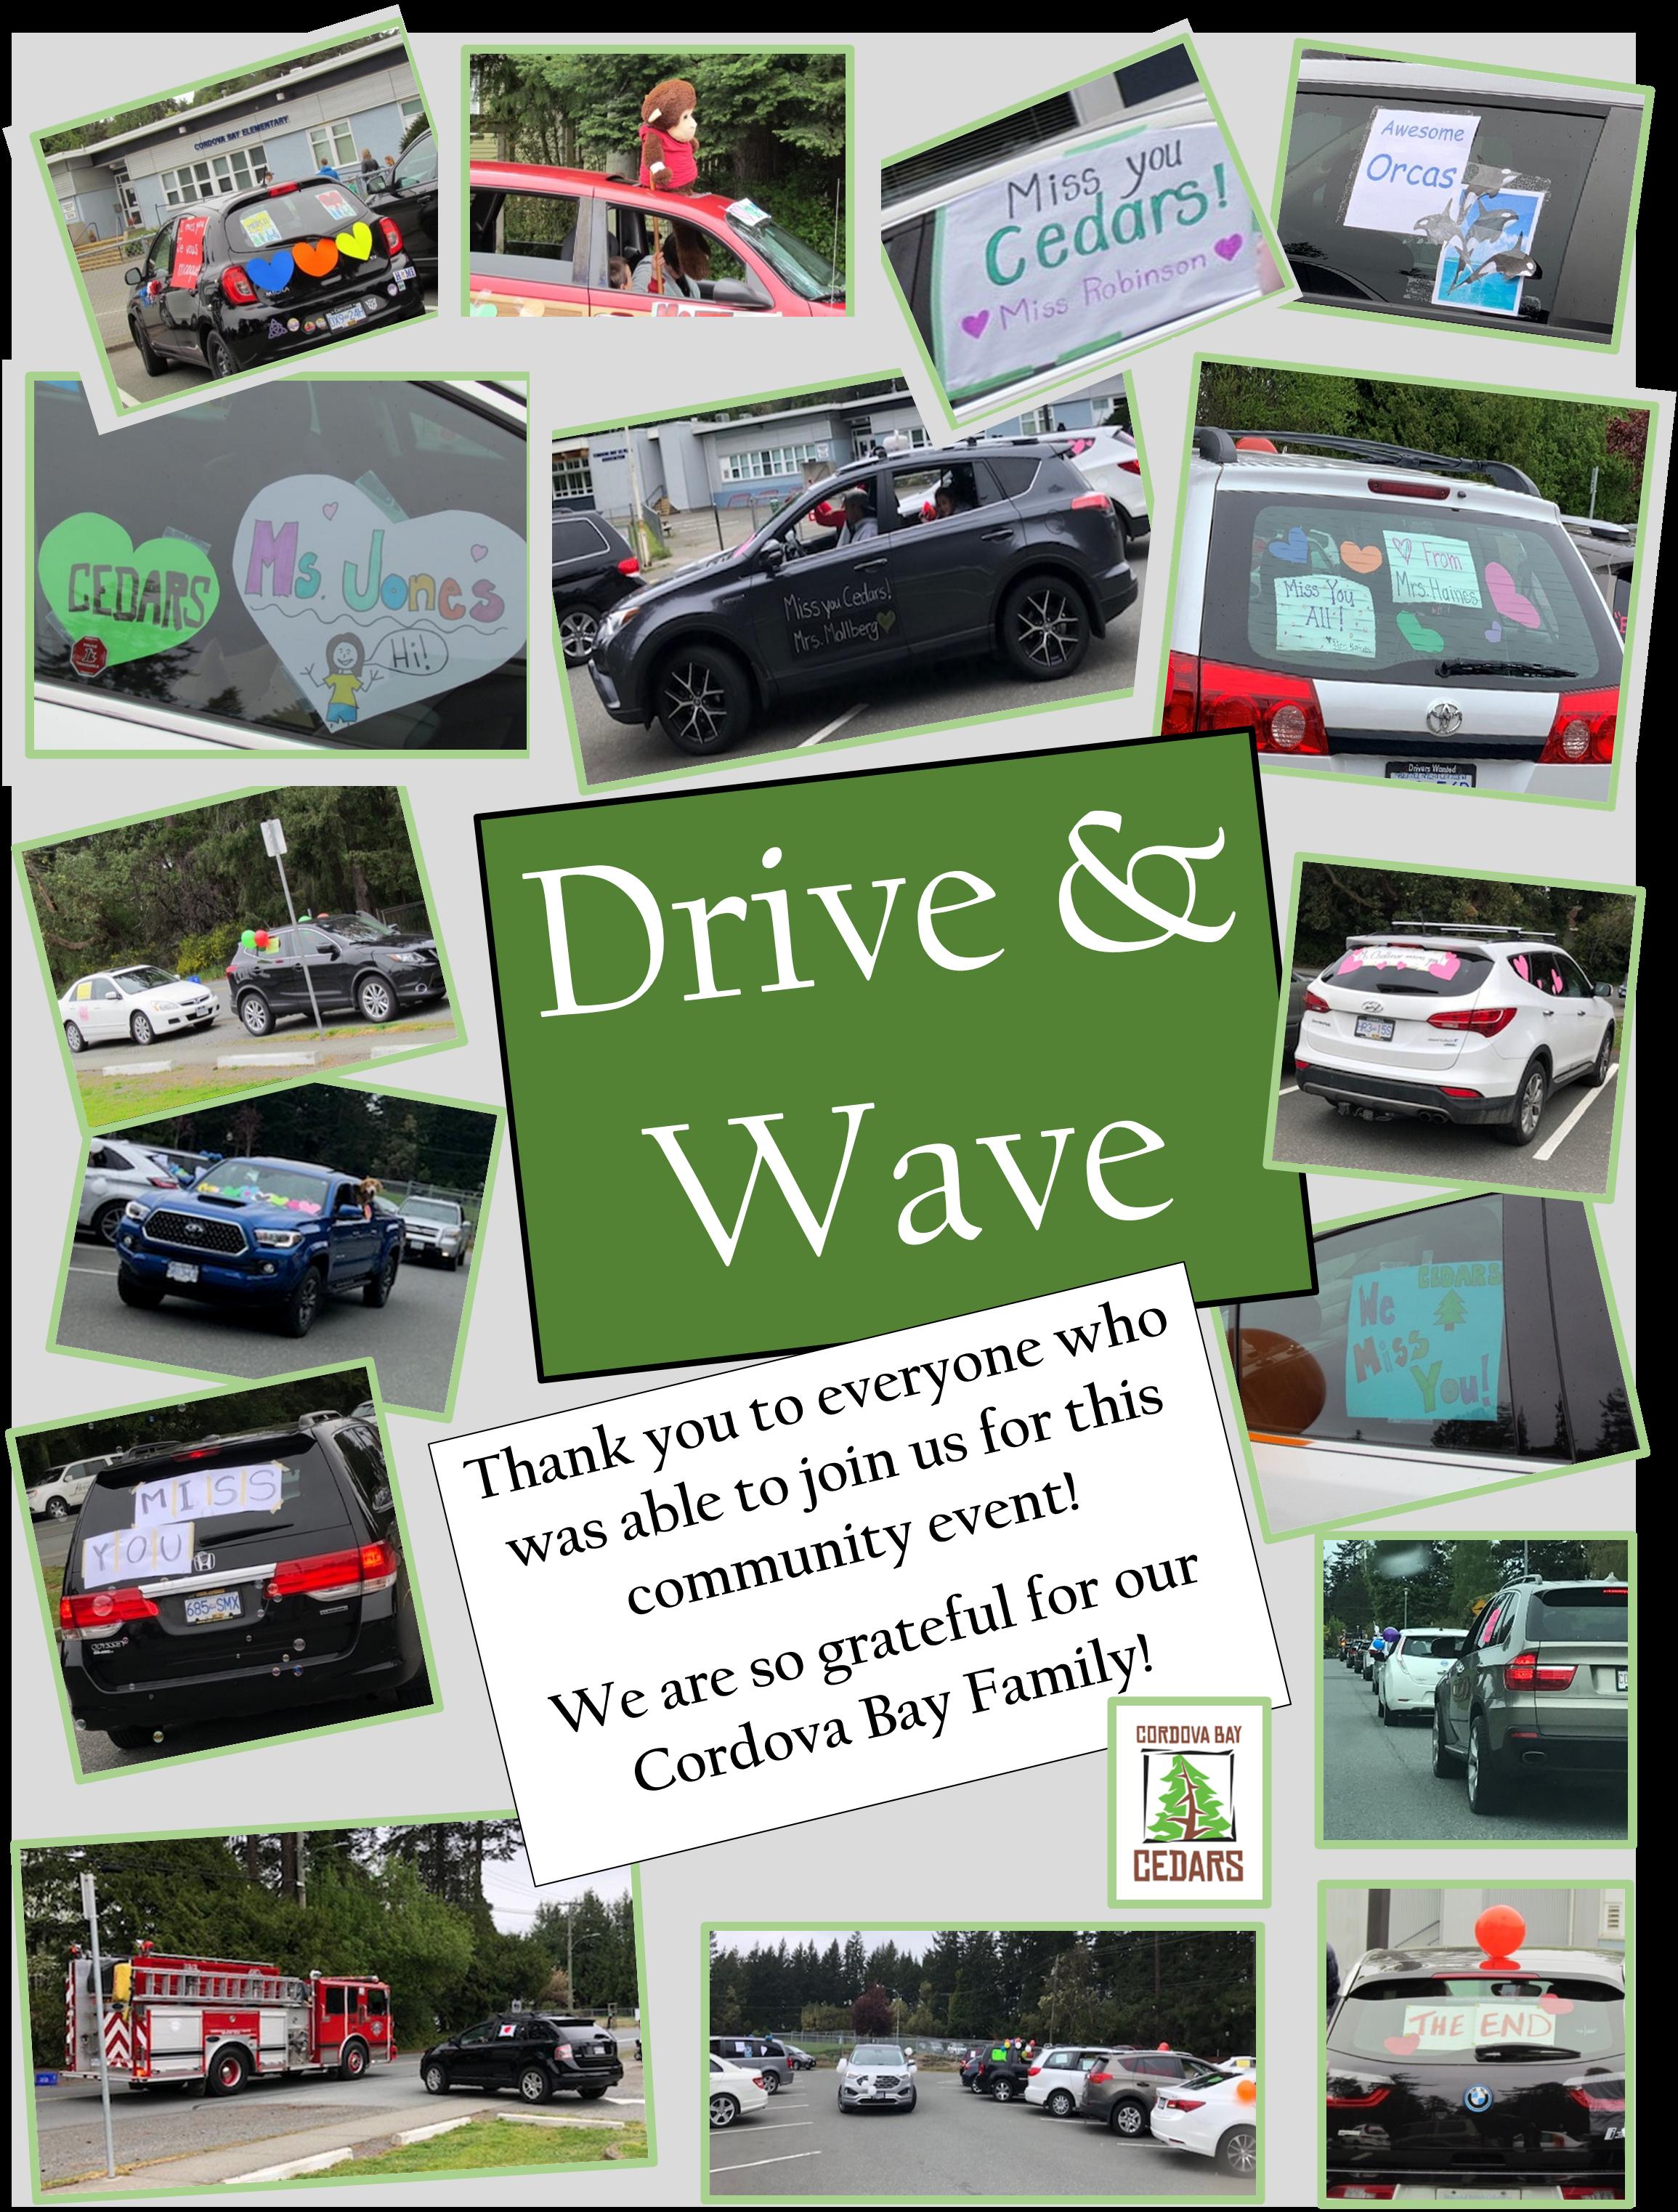 Drive & Wave Photo